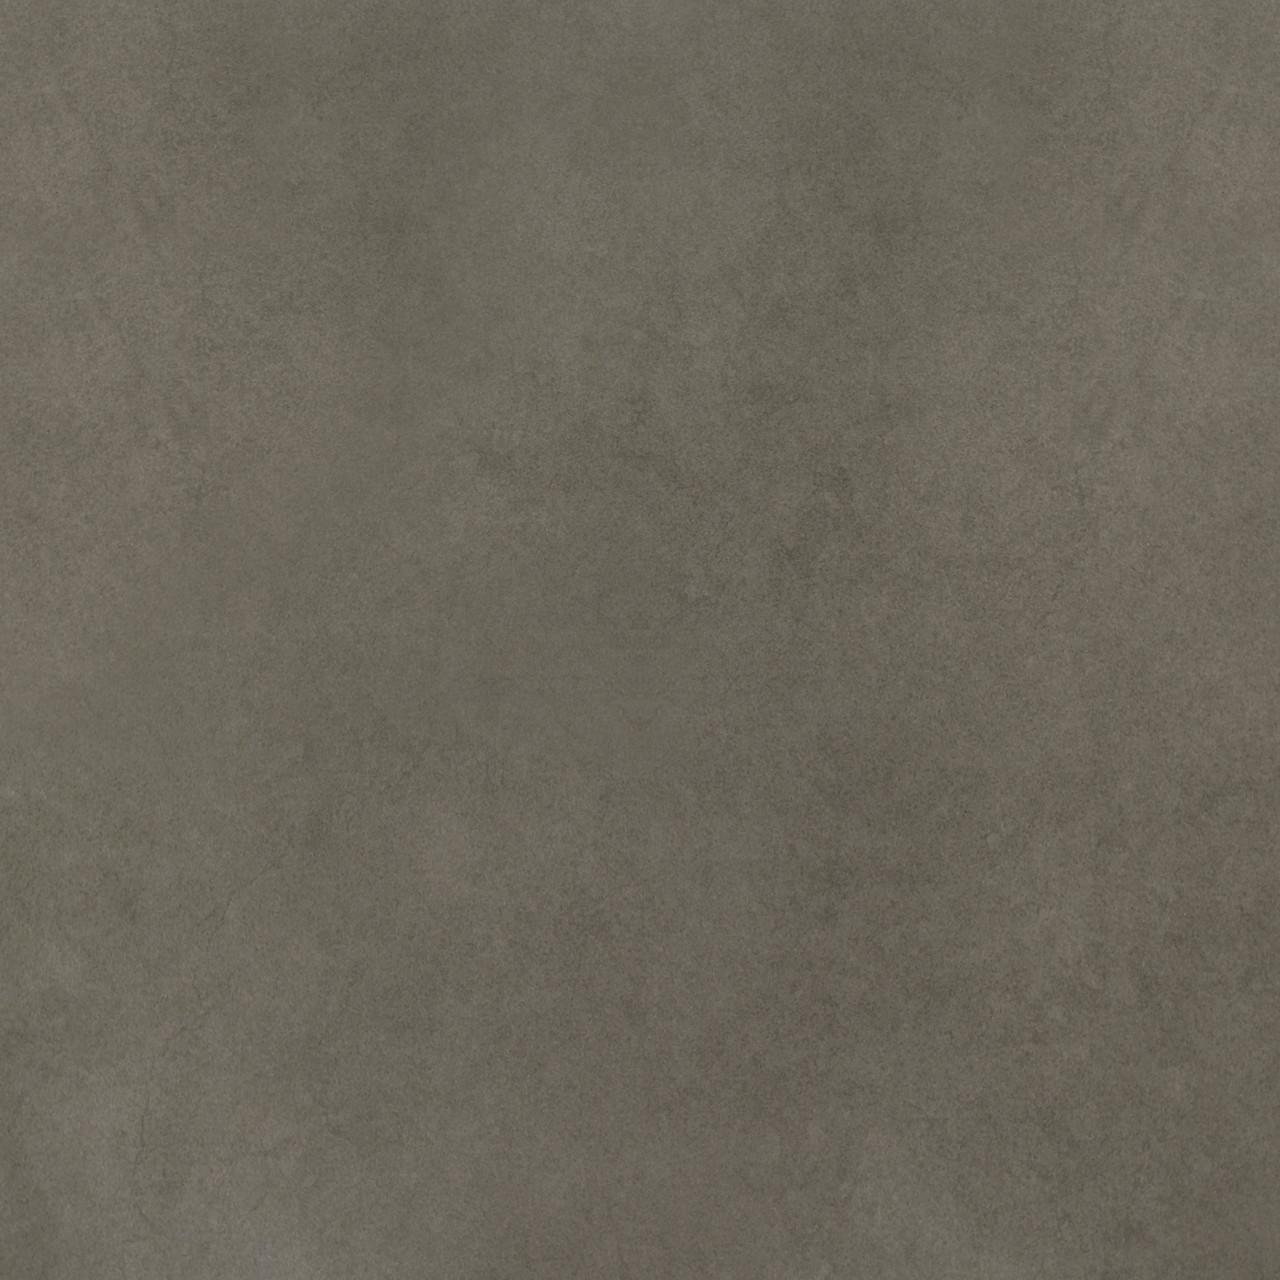 Плитка для пола ректифицированная Arc BR 600x600 /4 P